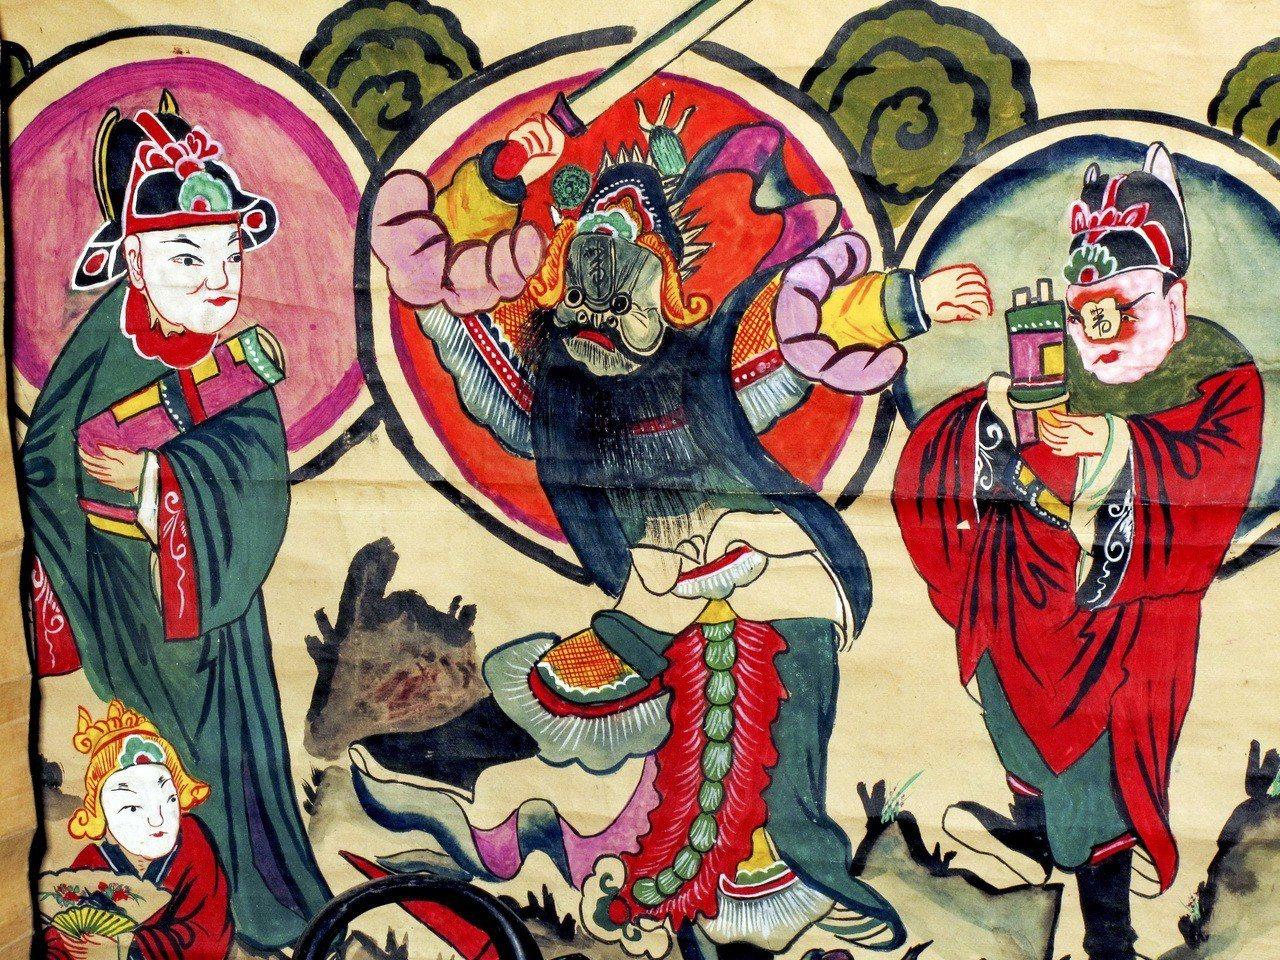 描繪湖南戲的儺戲的民俗畫。儺文化由上古的巫文化演變而來,是巫師驅除疫鬼的宗教儀式...